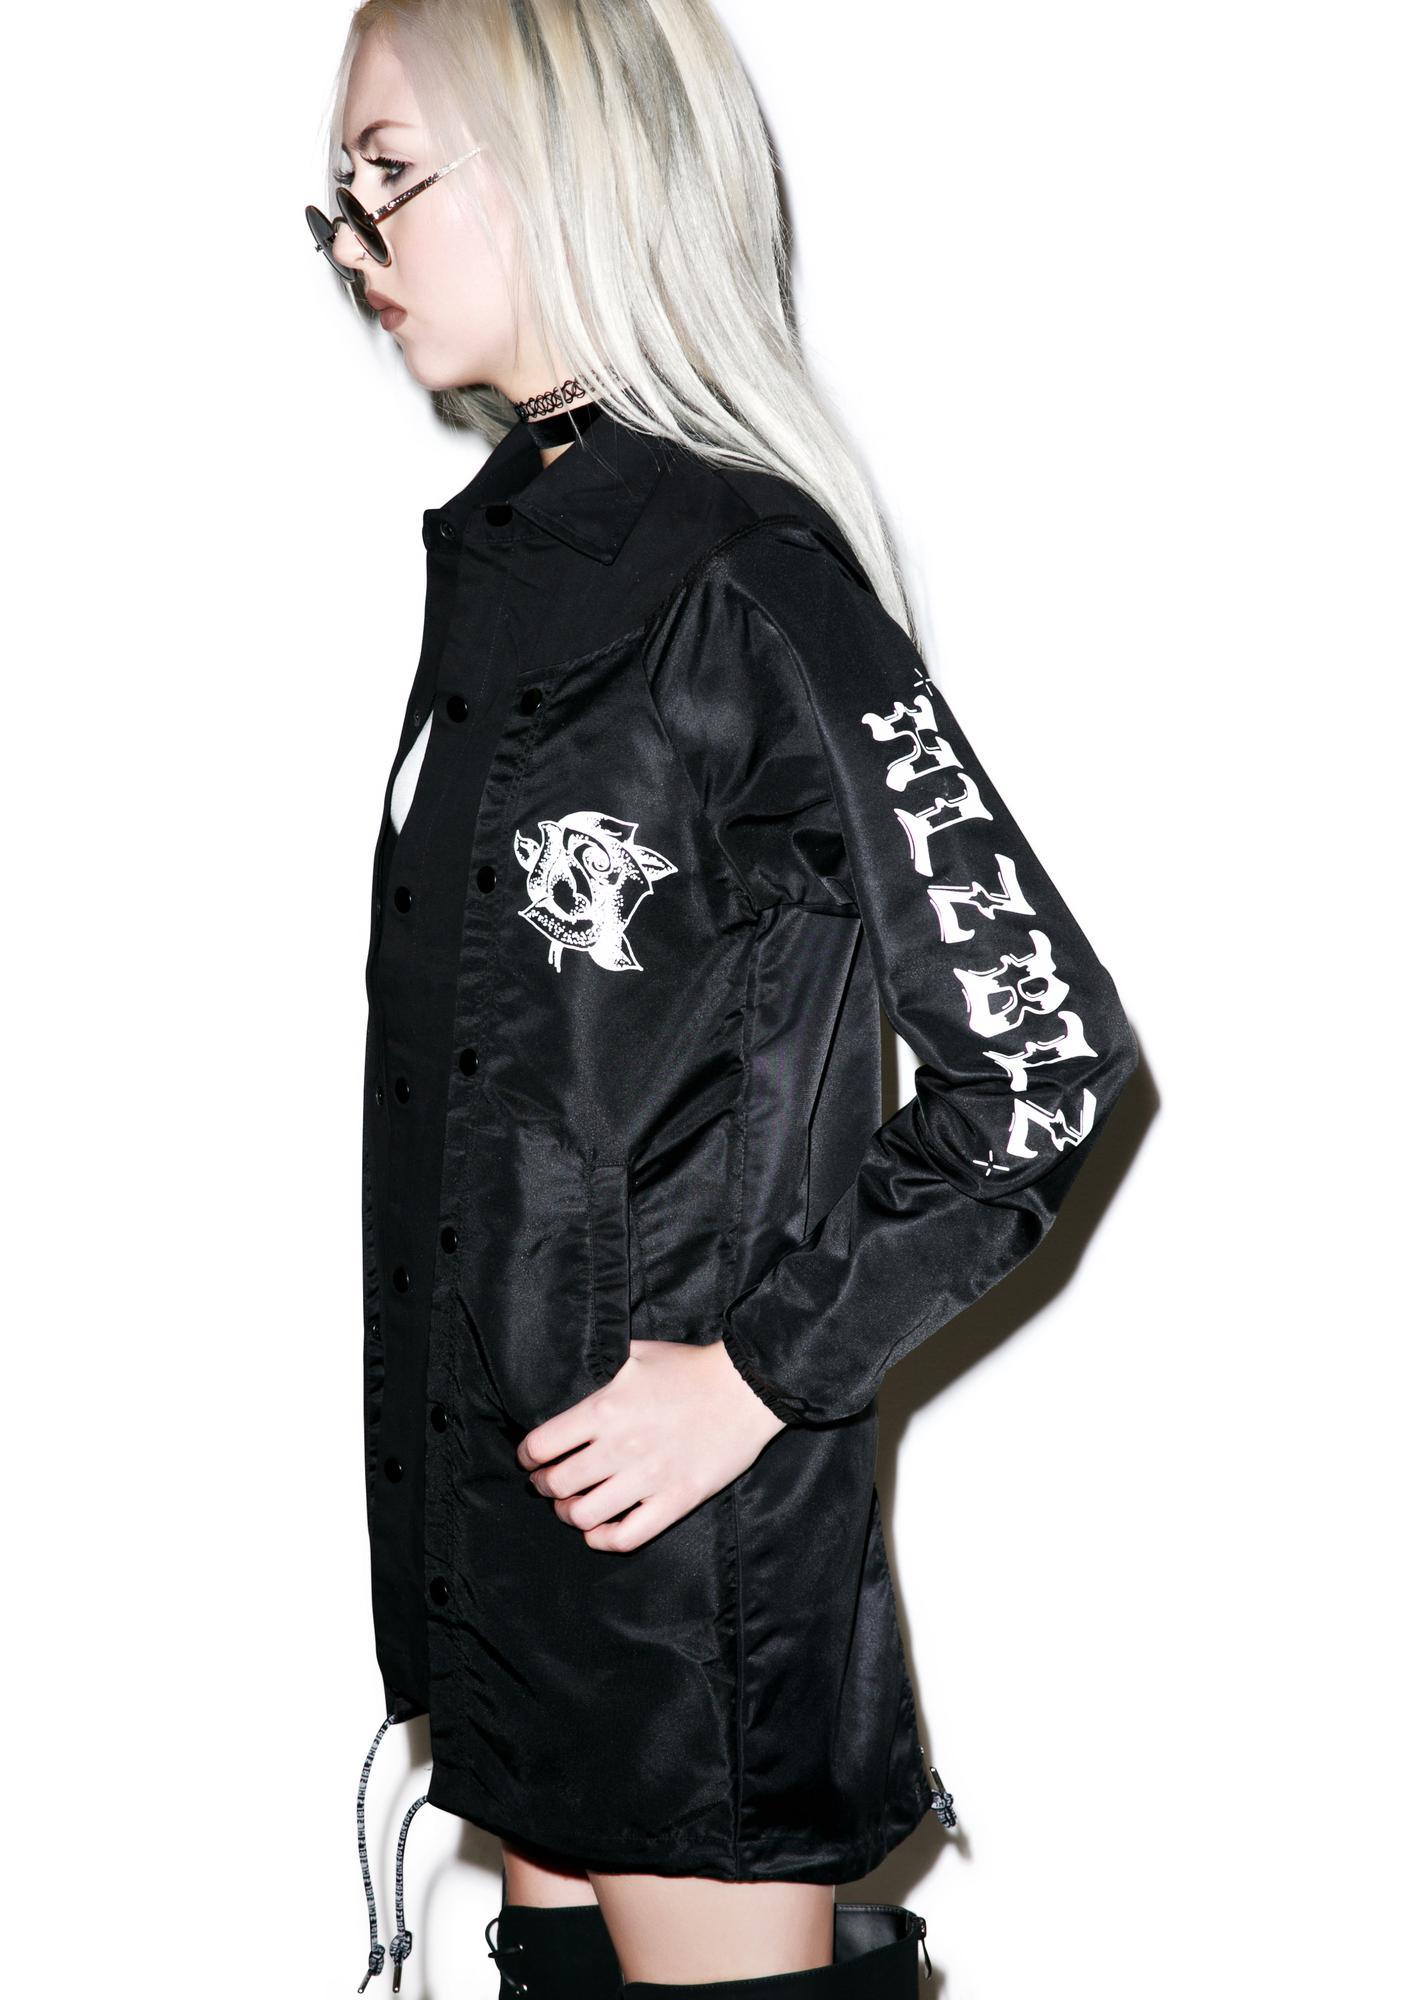 HLZBLZ Eat It Nylon Jacket